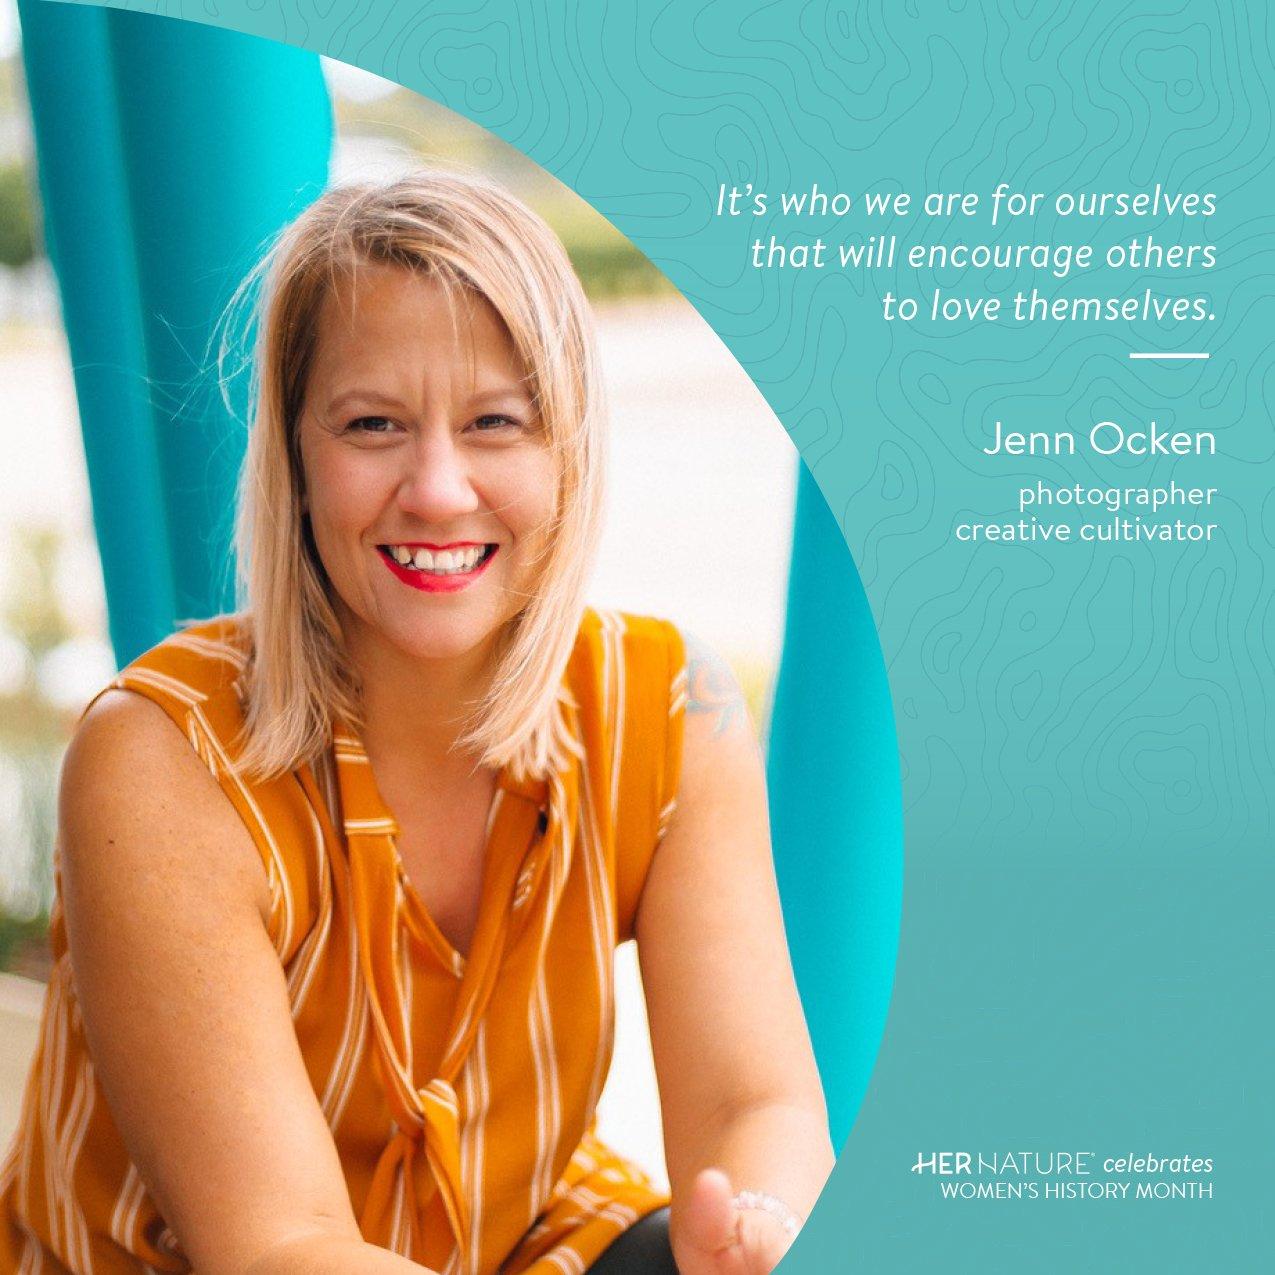 Jenn Ocken